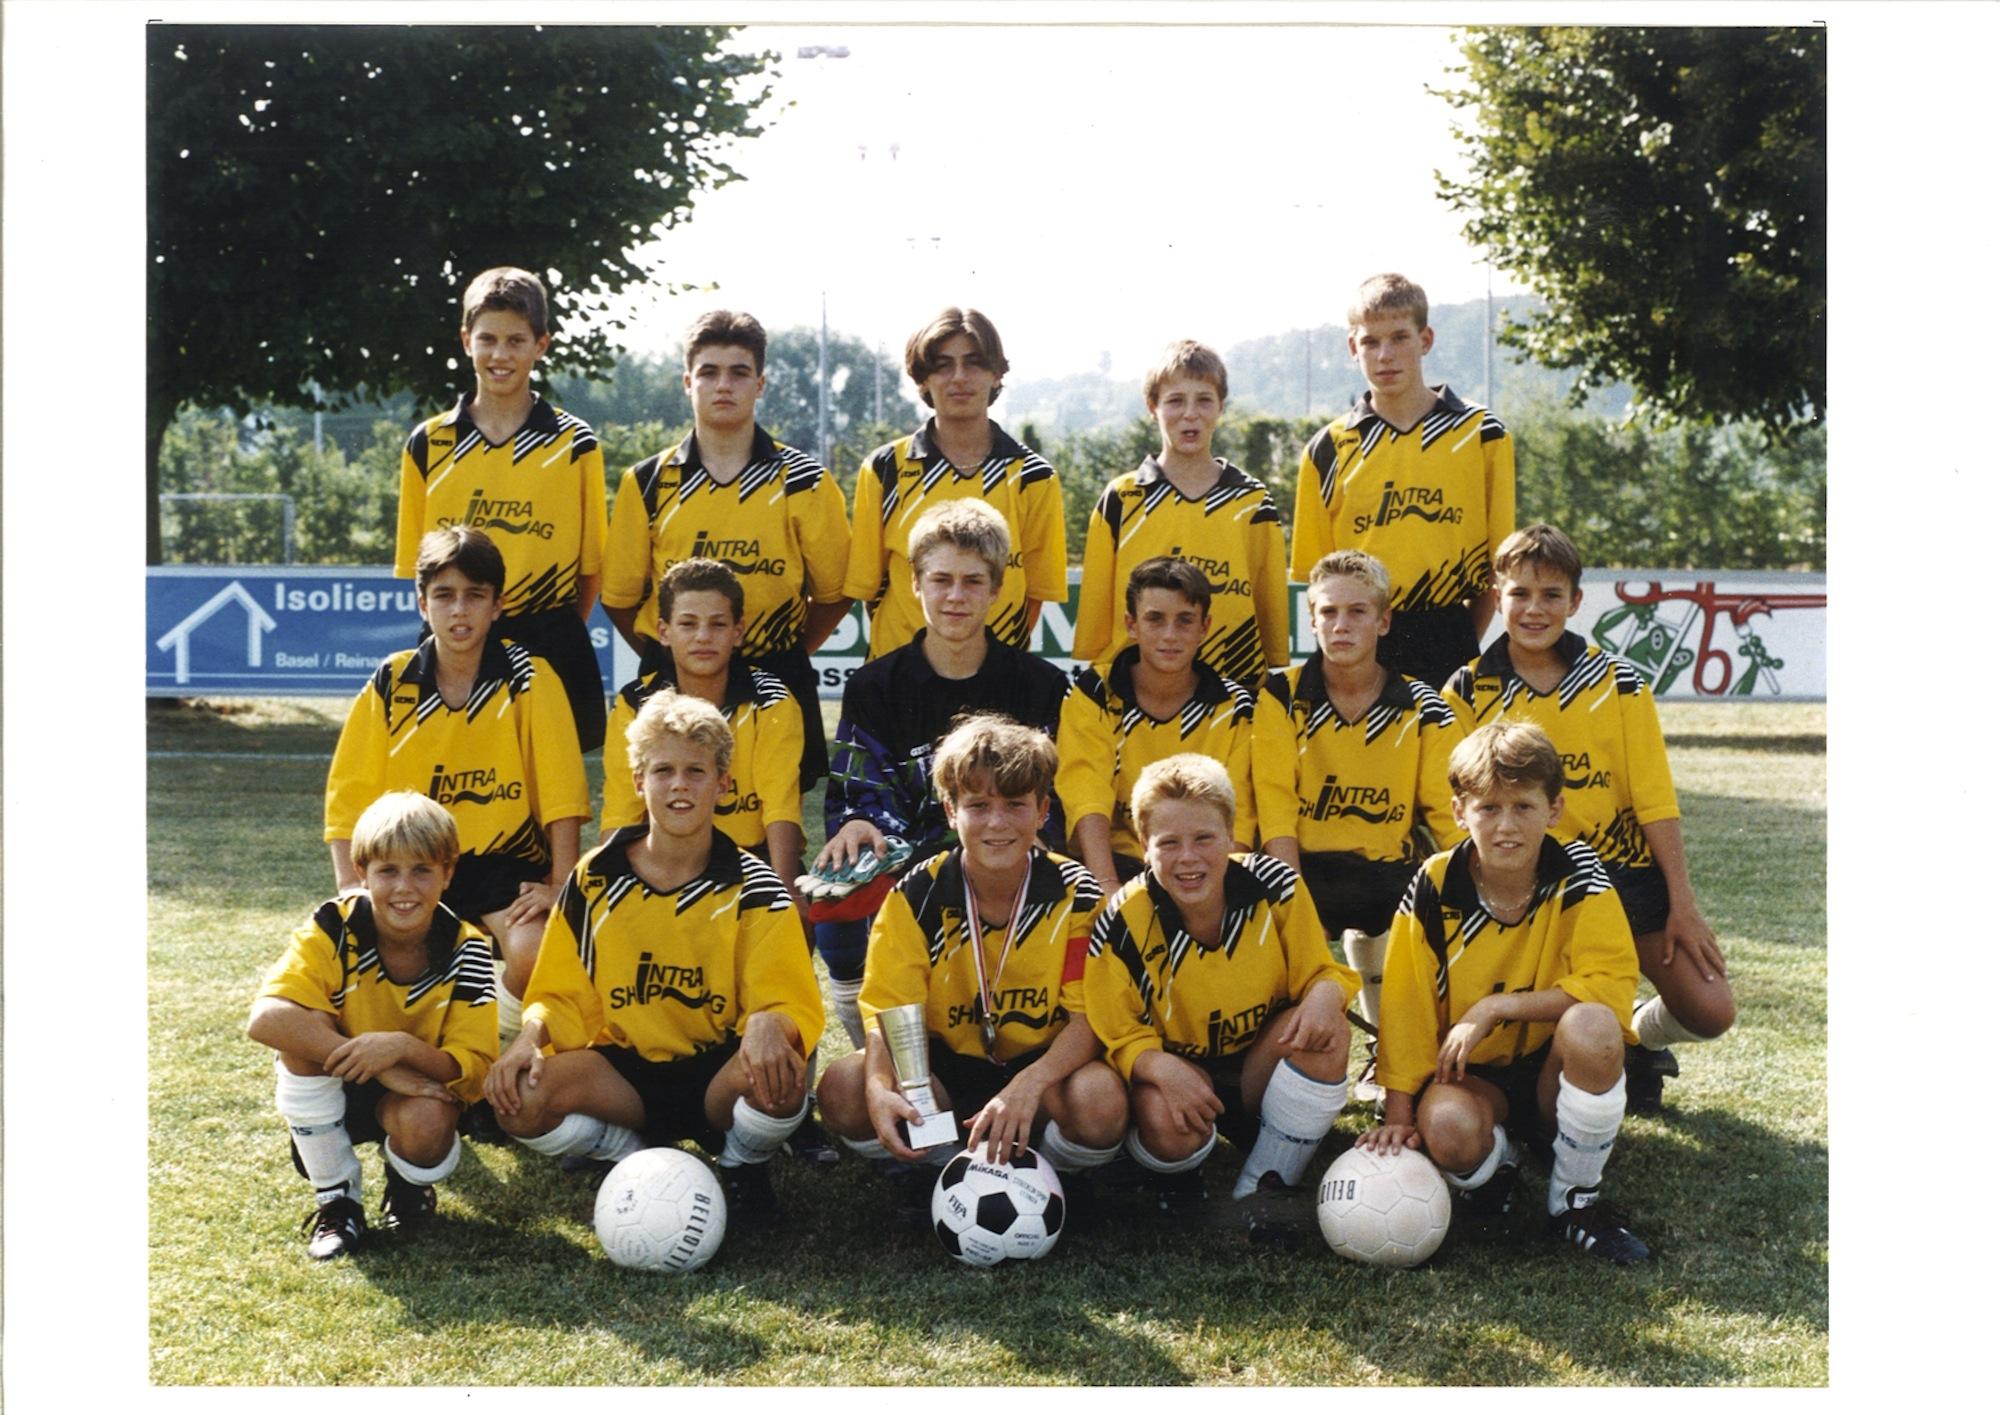 Marco Streller und sein Freund Alex Frei (2. und 3. v. l.) bei den Junioren des FC Aesch 1992/93.